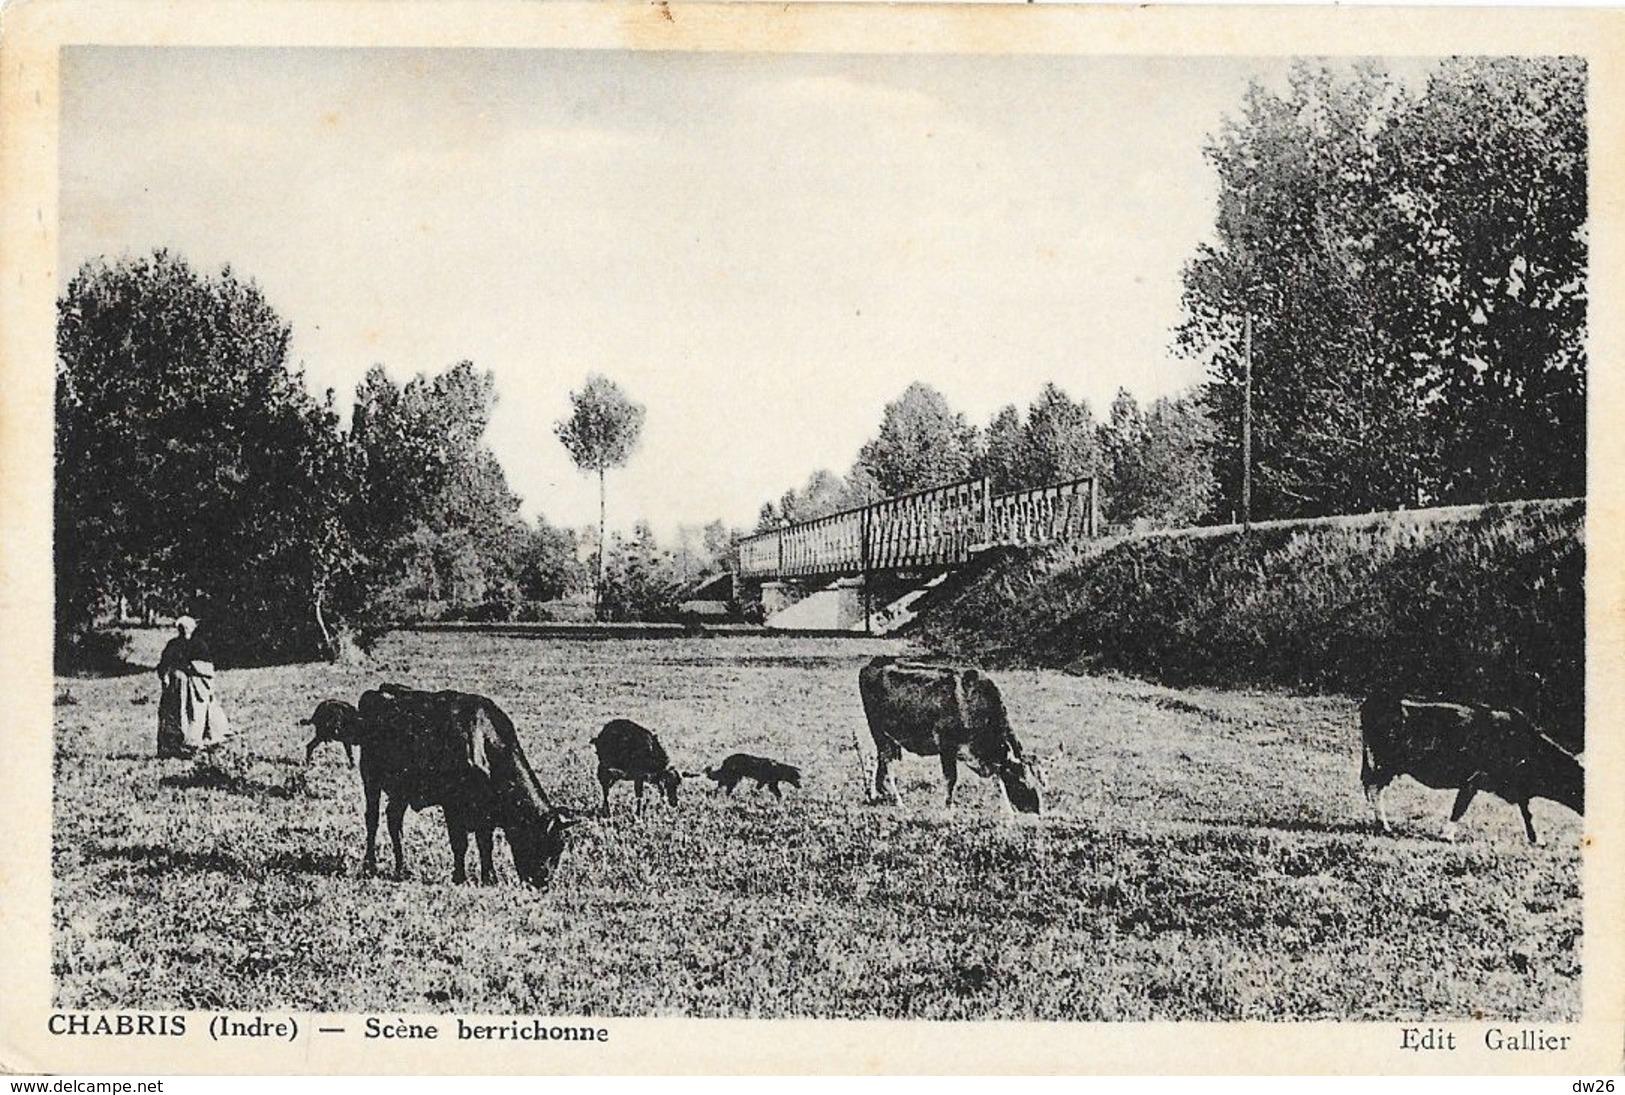 Chabris (Indre) - Scène Berrichonne: Vaches Au Pâturage Près De La Voie Ferrée - Edition Gallier, Carte Non Circulée - France